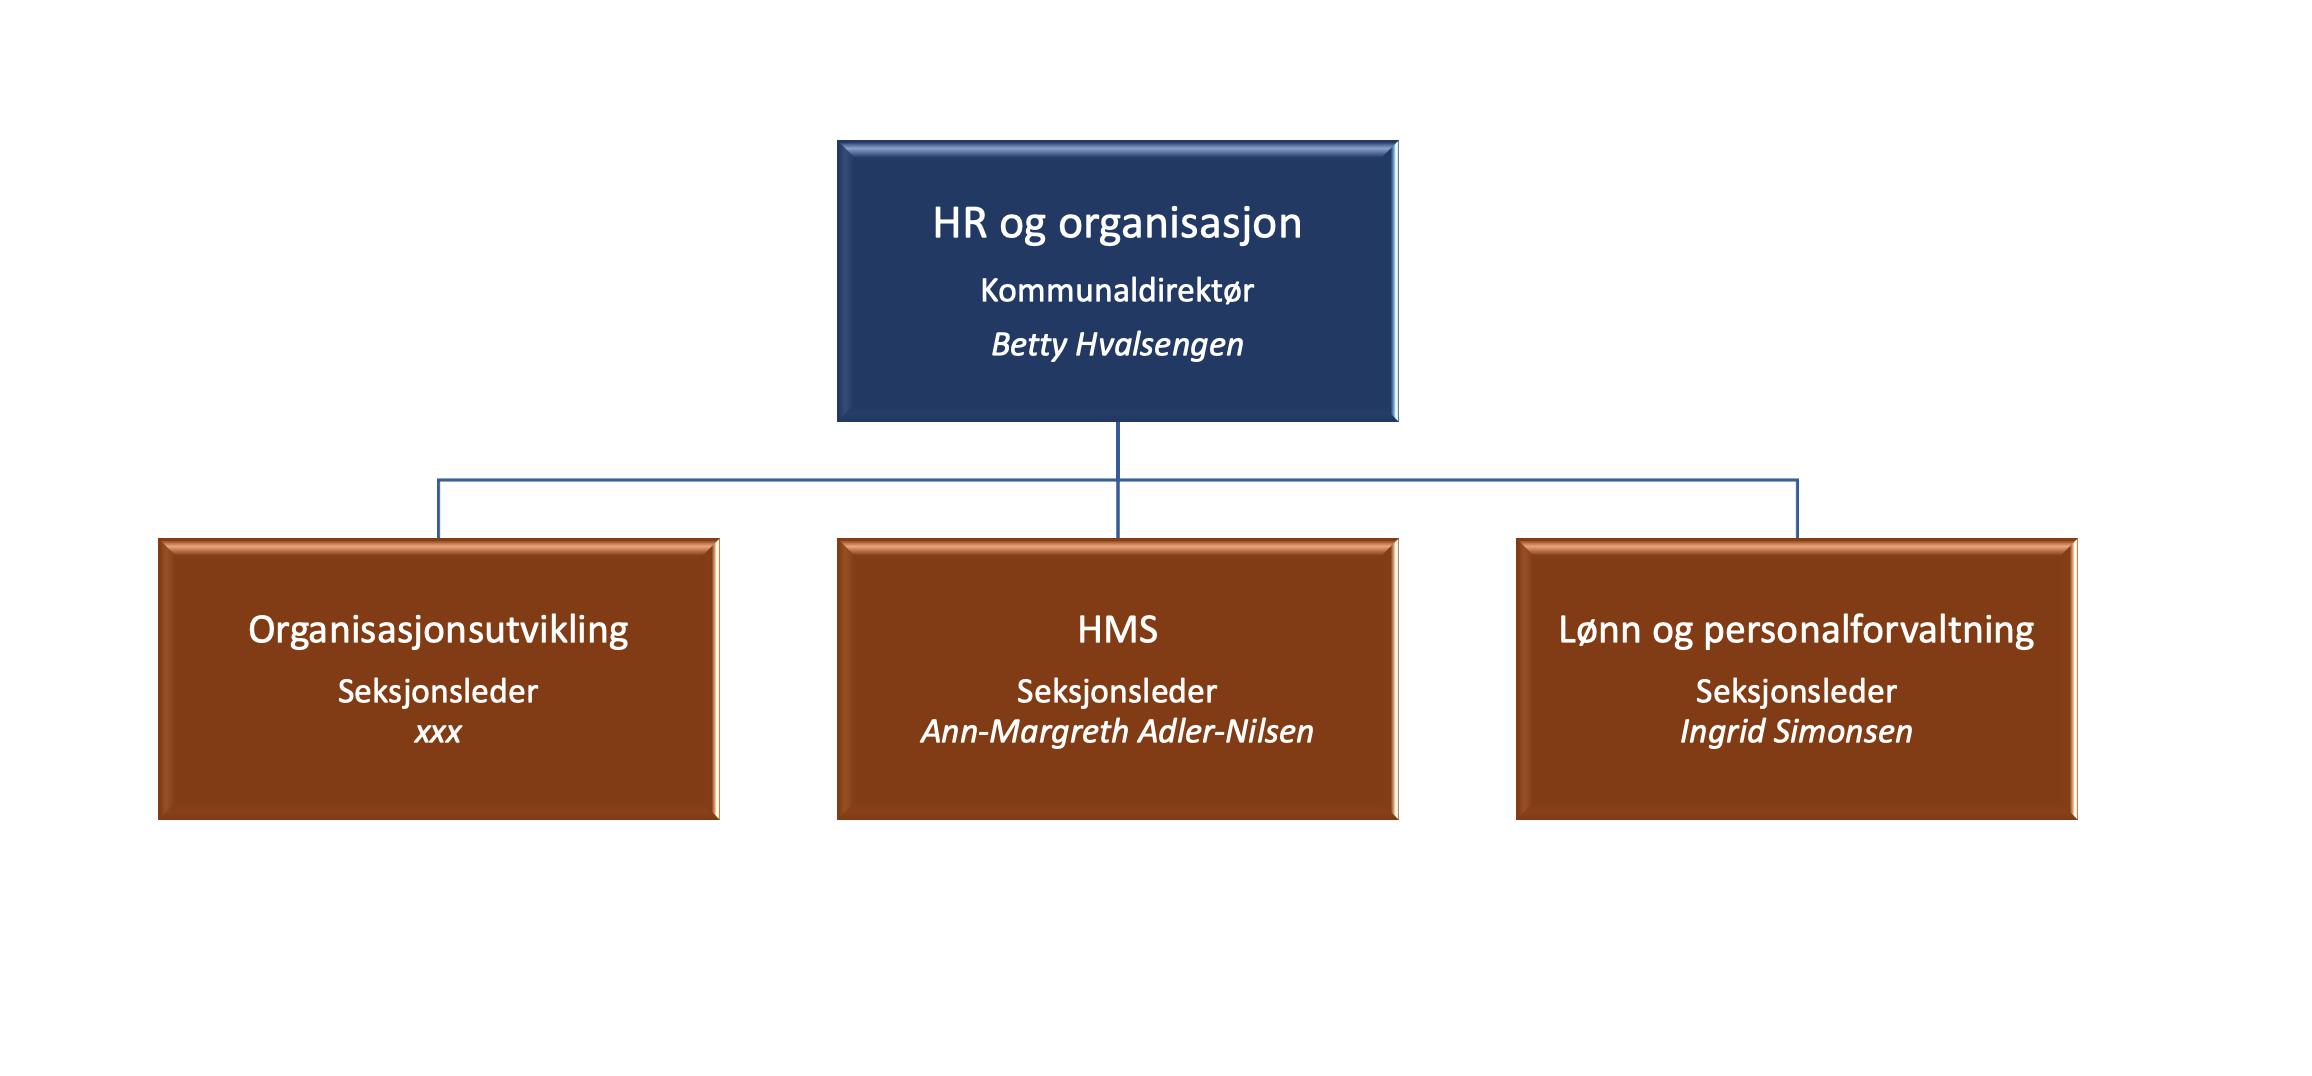 HR og organisasjon.png